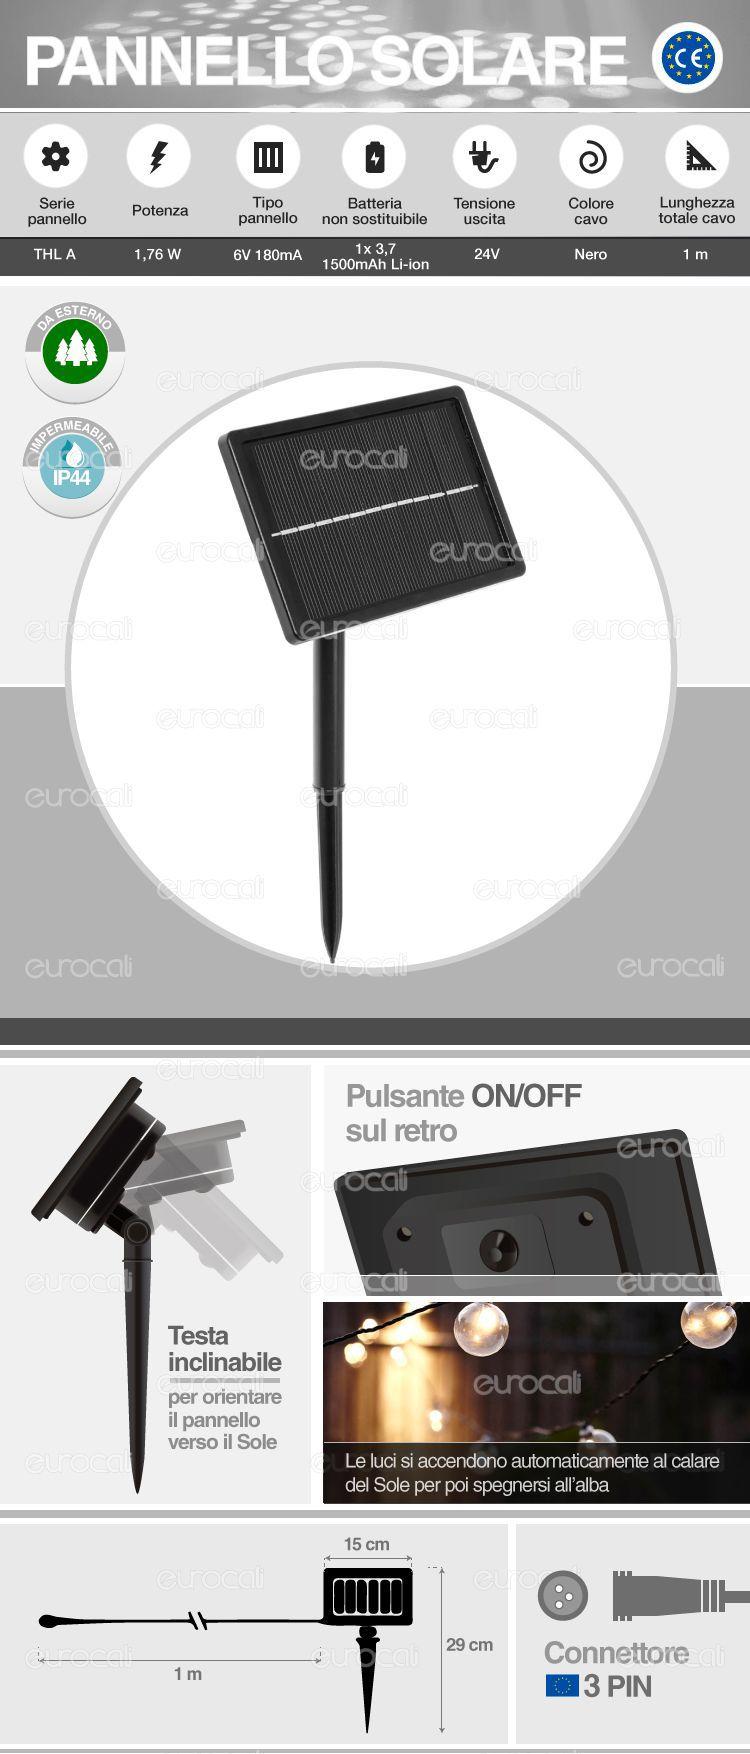 Pannello Solare Per Drone : Pannello solare con batteria interna per esterno thl a v